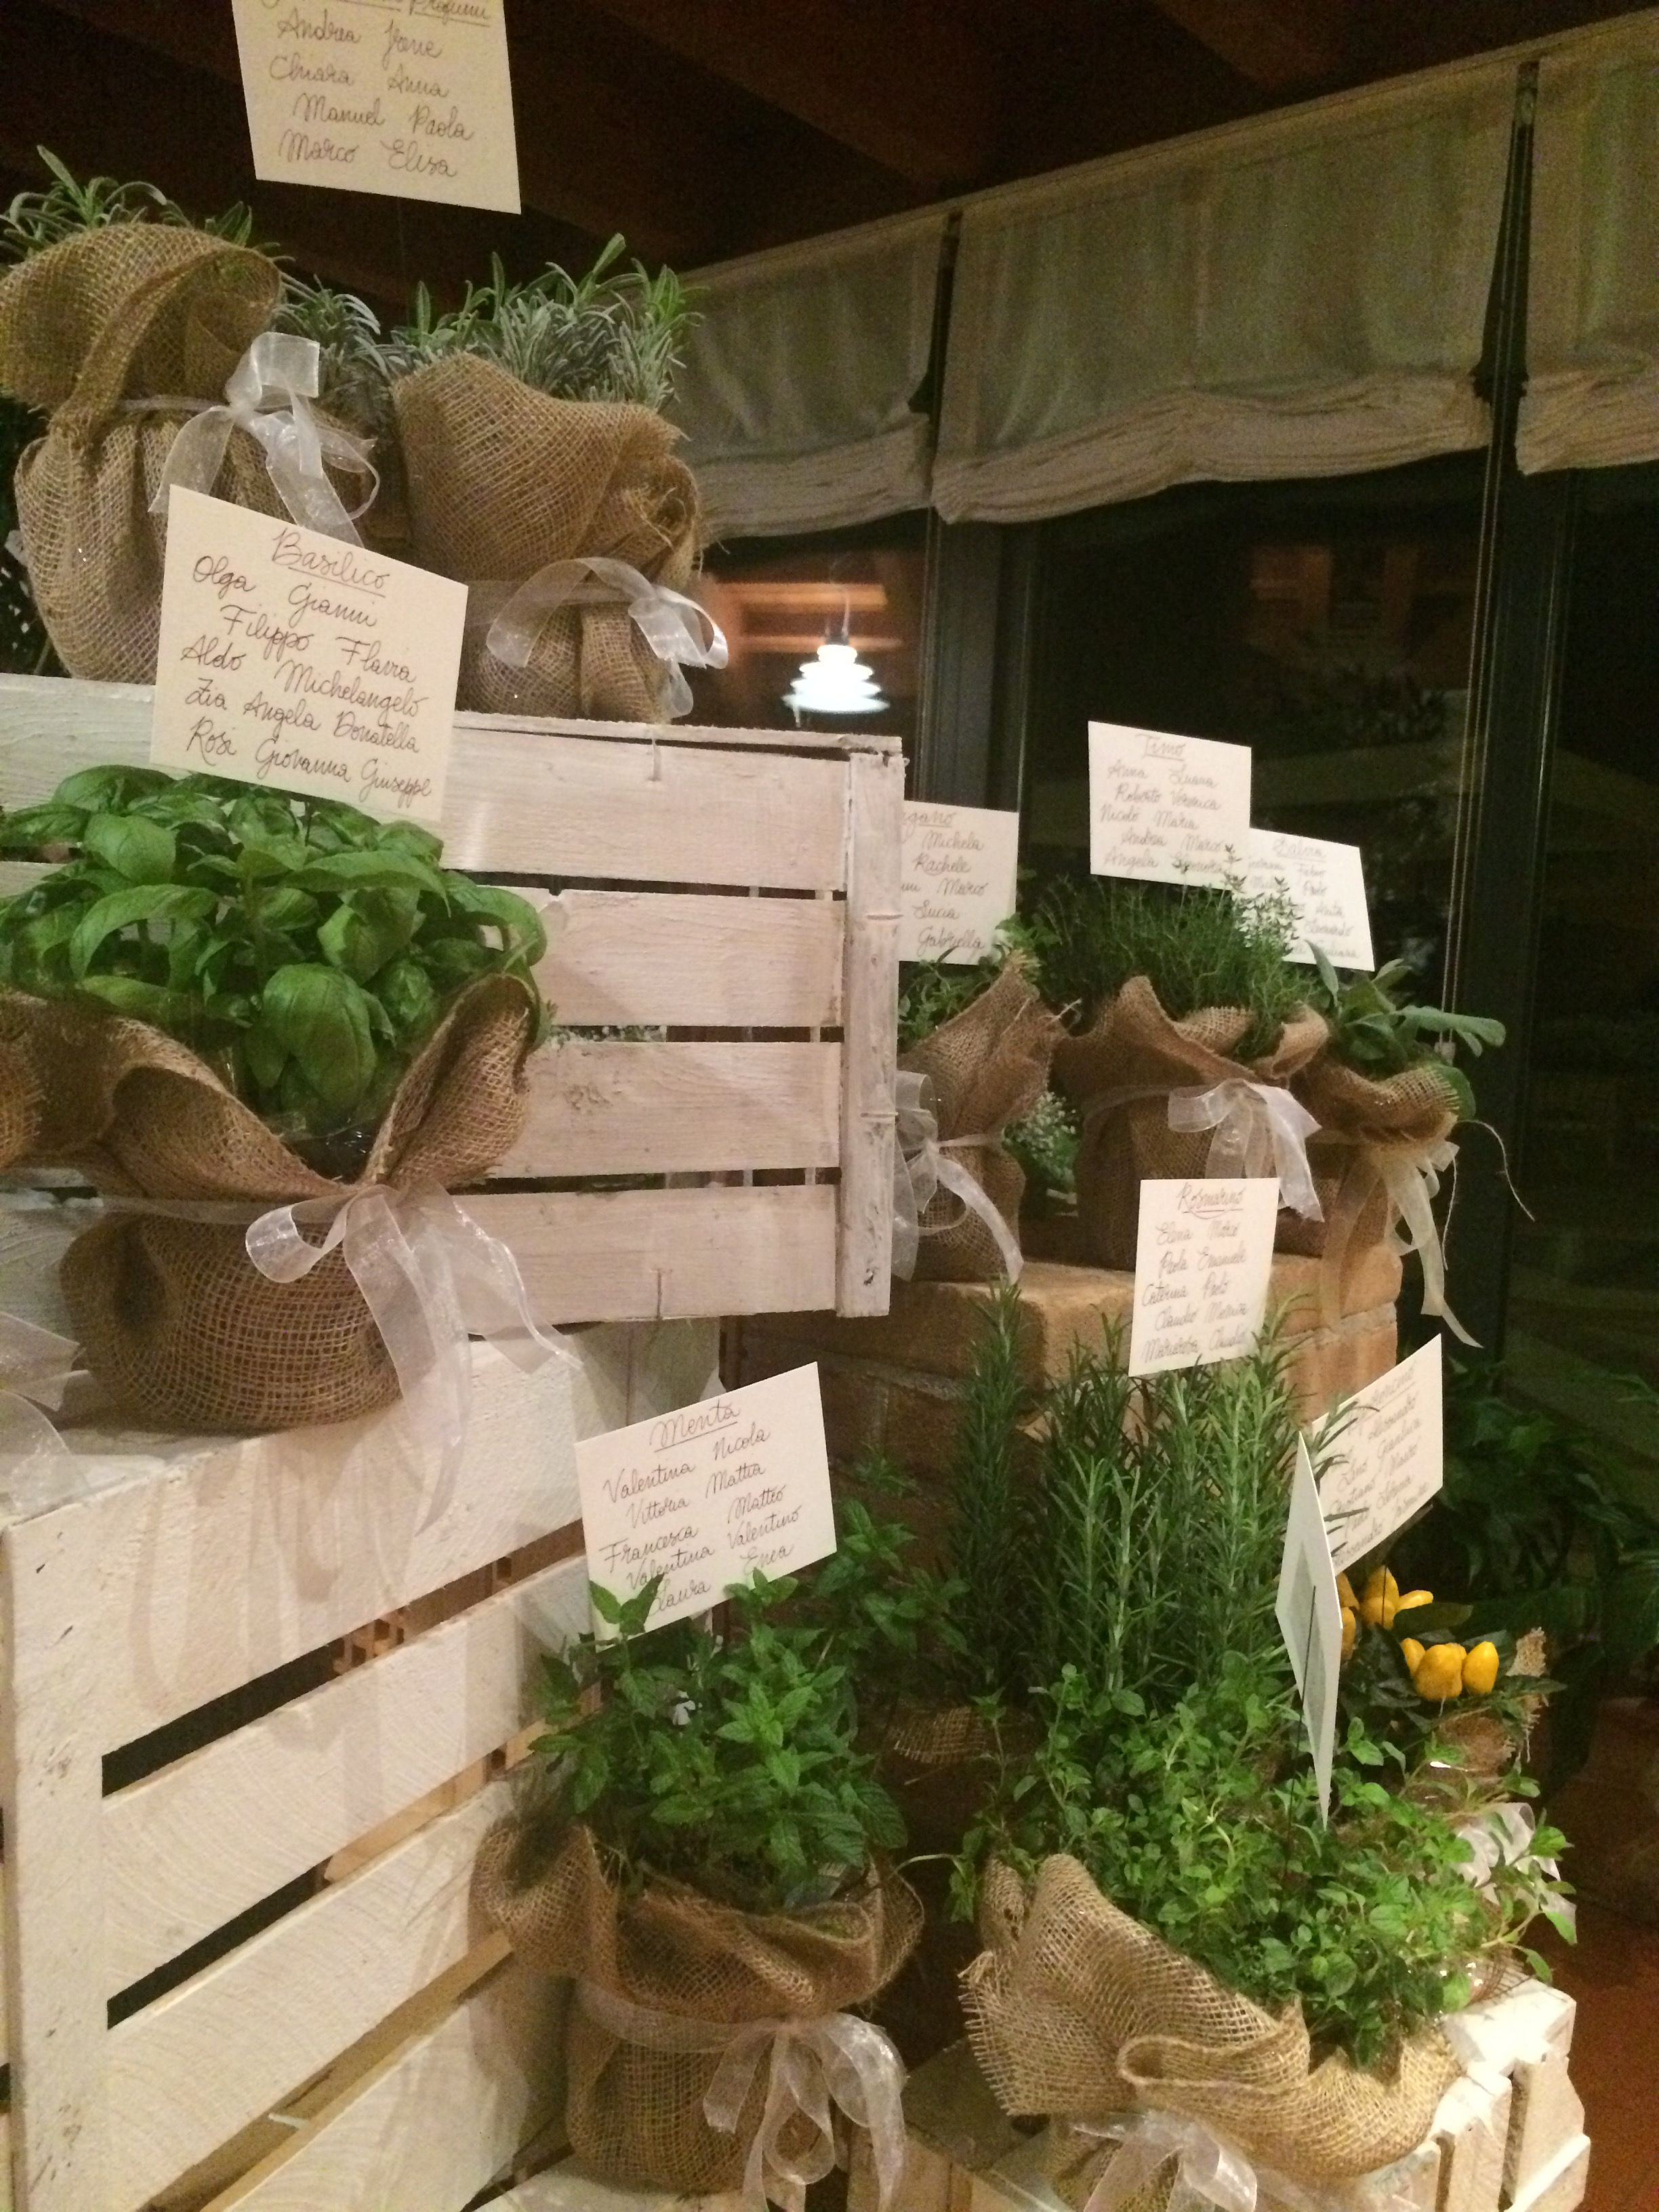 Matrimonio Country Chic Padova : Tè e teiere per un matrimonio a tema aromatic plants